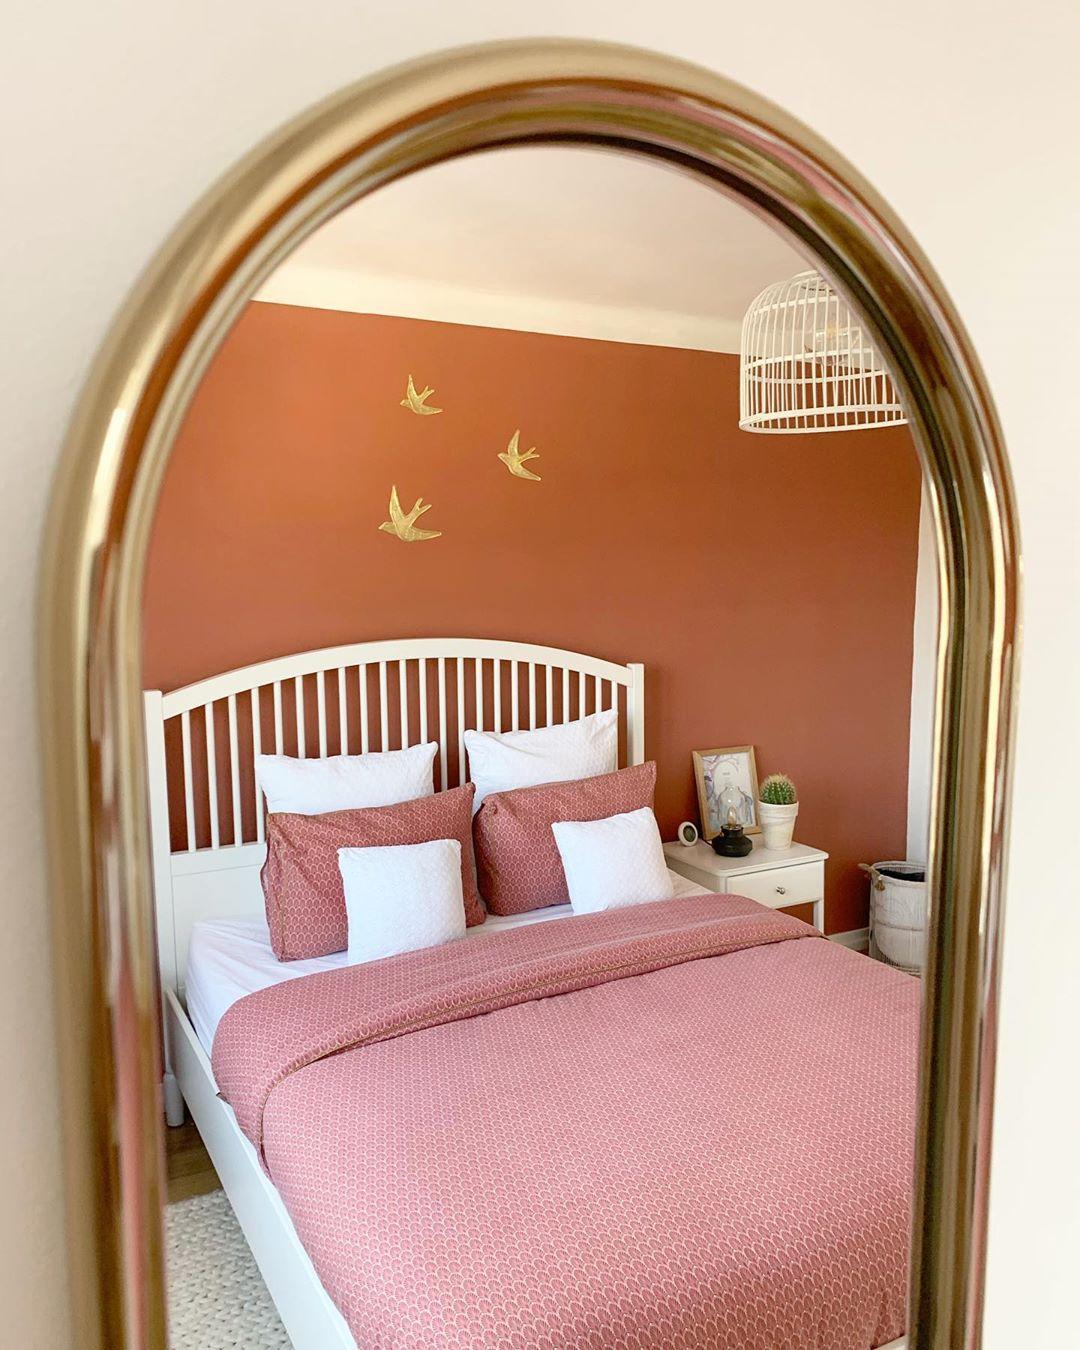 chambre mur ocre peinture hirondelle dorée meuble blanc camaieu rose housse de couette